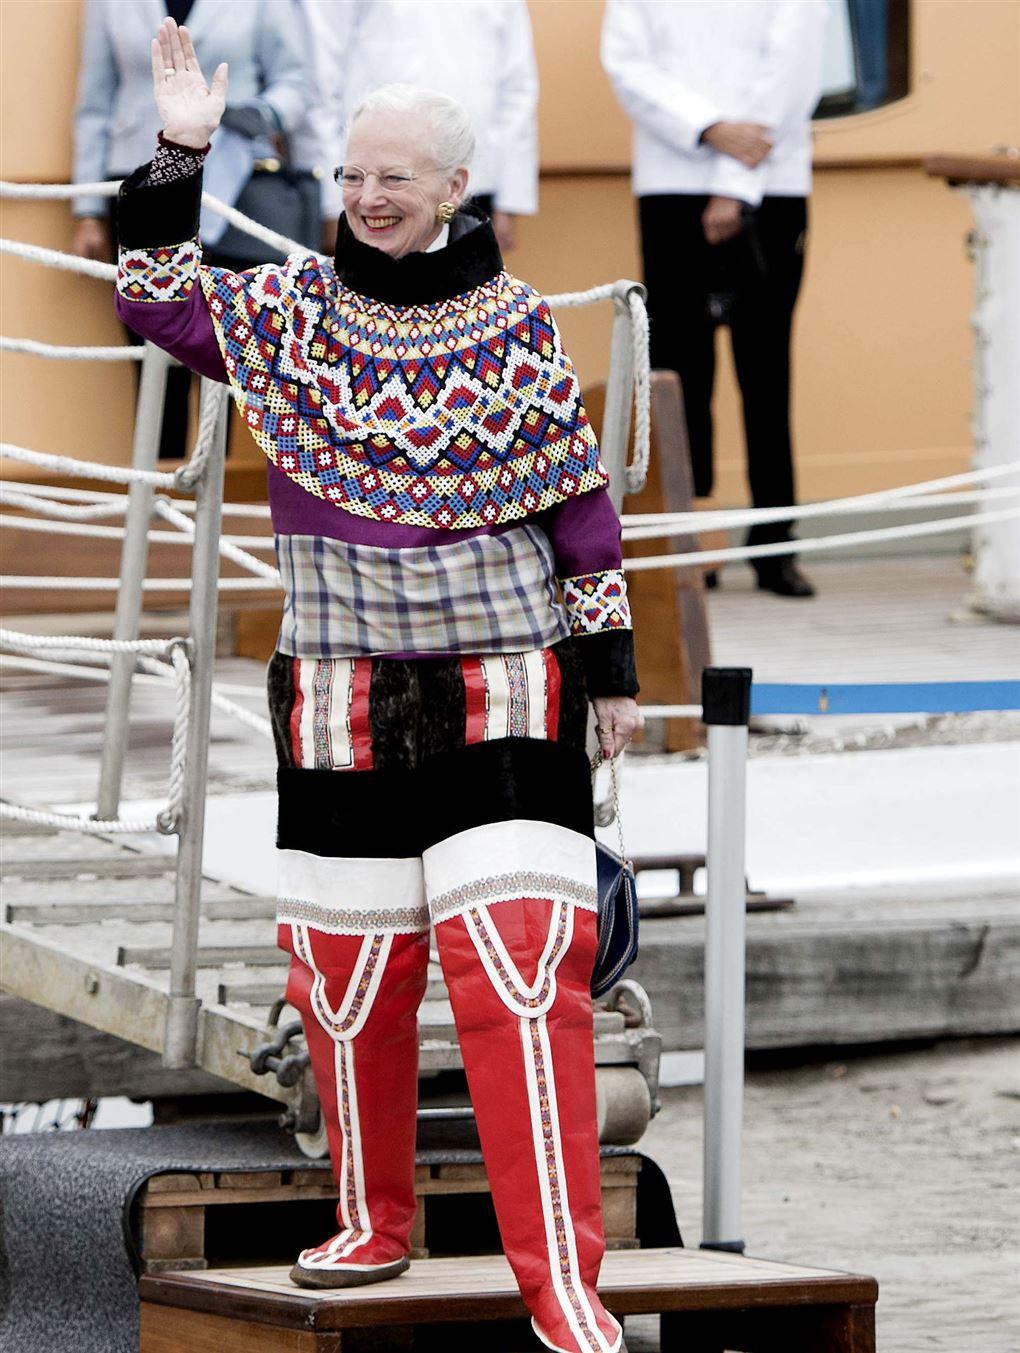 dronning margrethe vinker i grønlandske gevandter